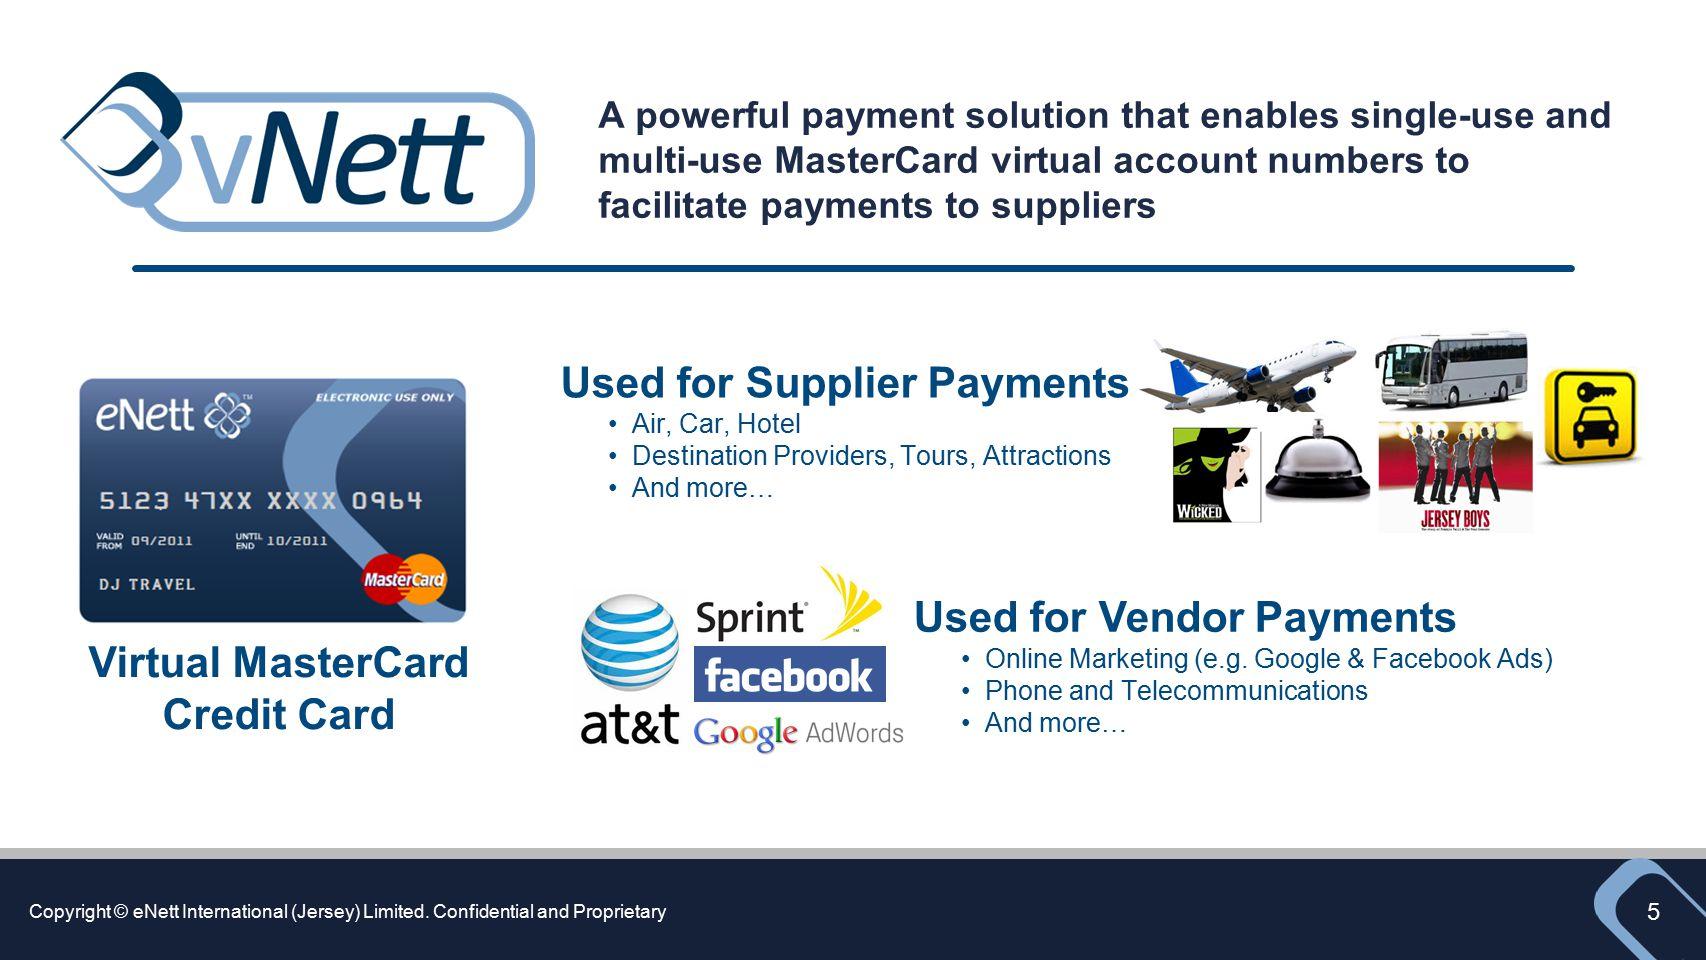 Virtual MasterCard Credit Card